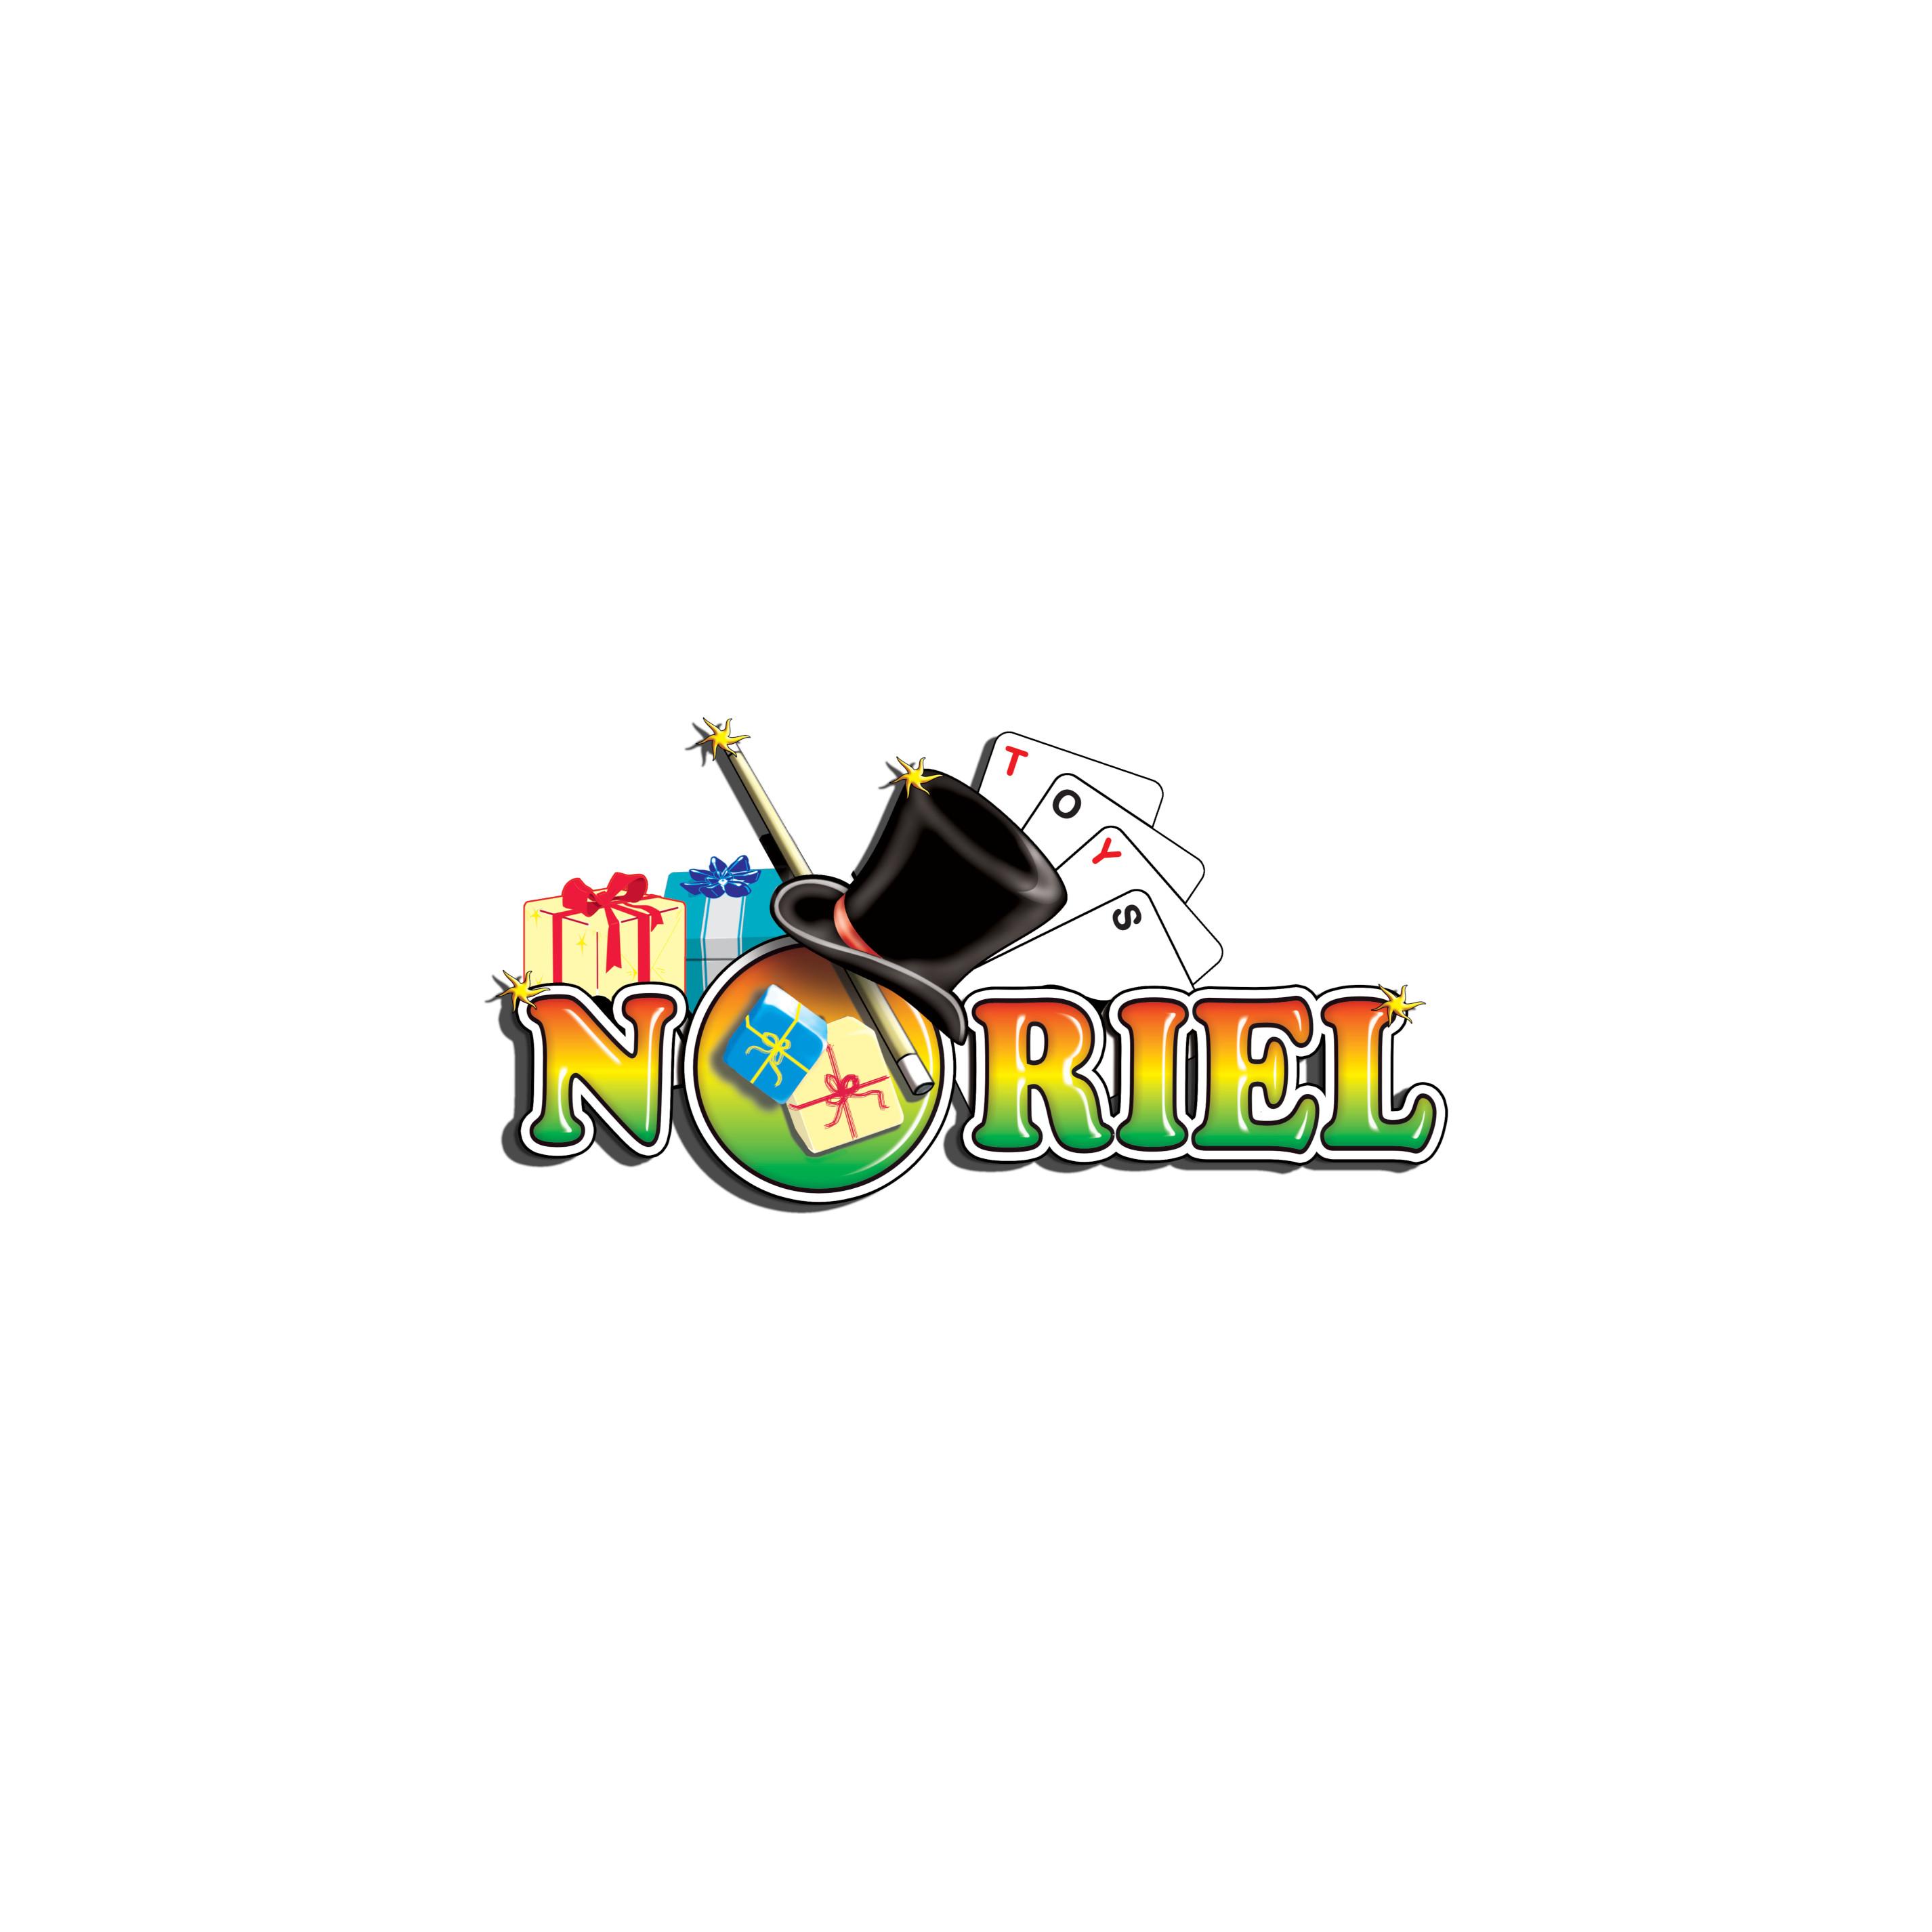 FHV37_002w Set masinuta cu cauciucuri de schimb Blaze Monster Machines, Pickle FHV39